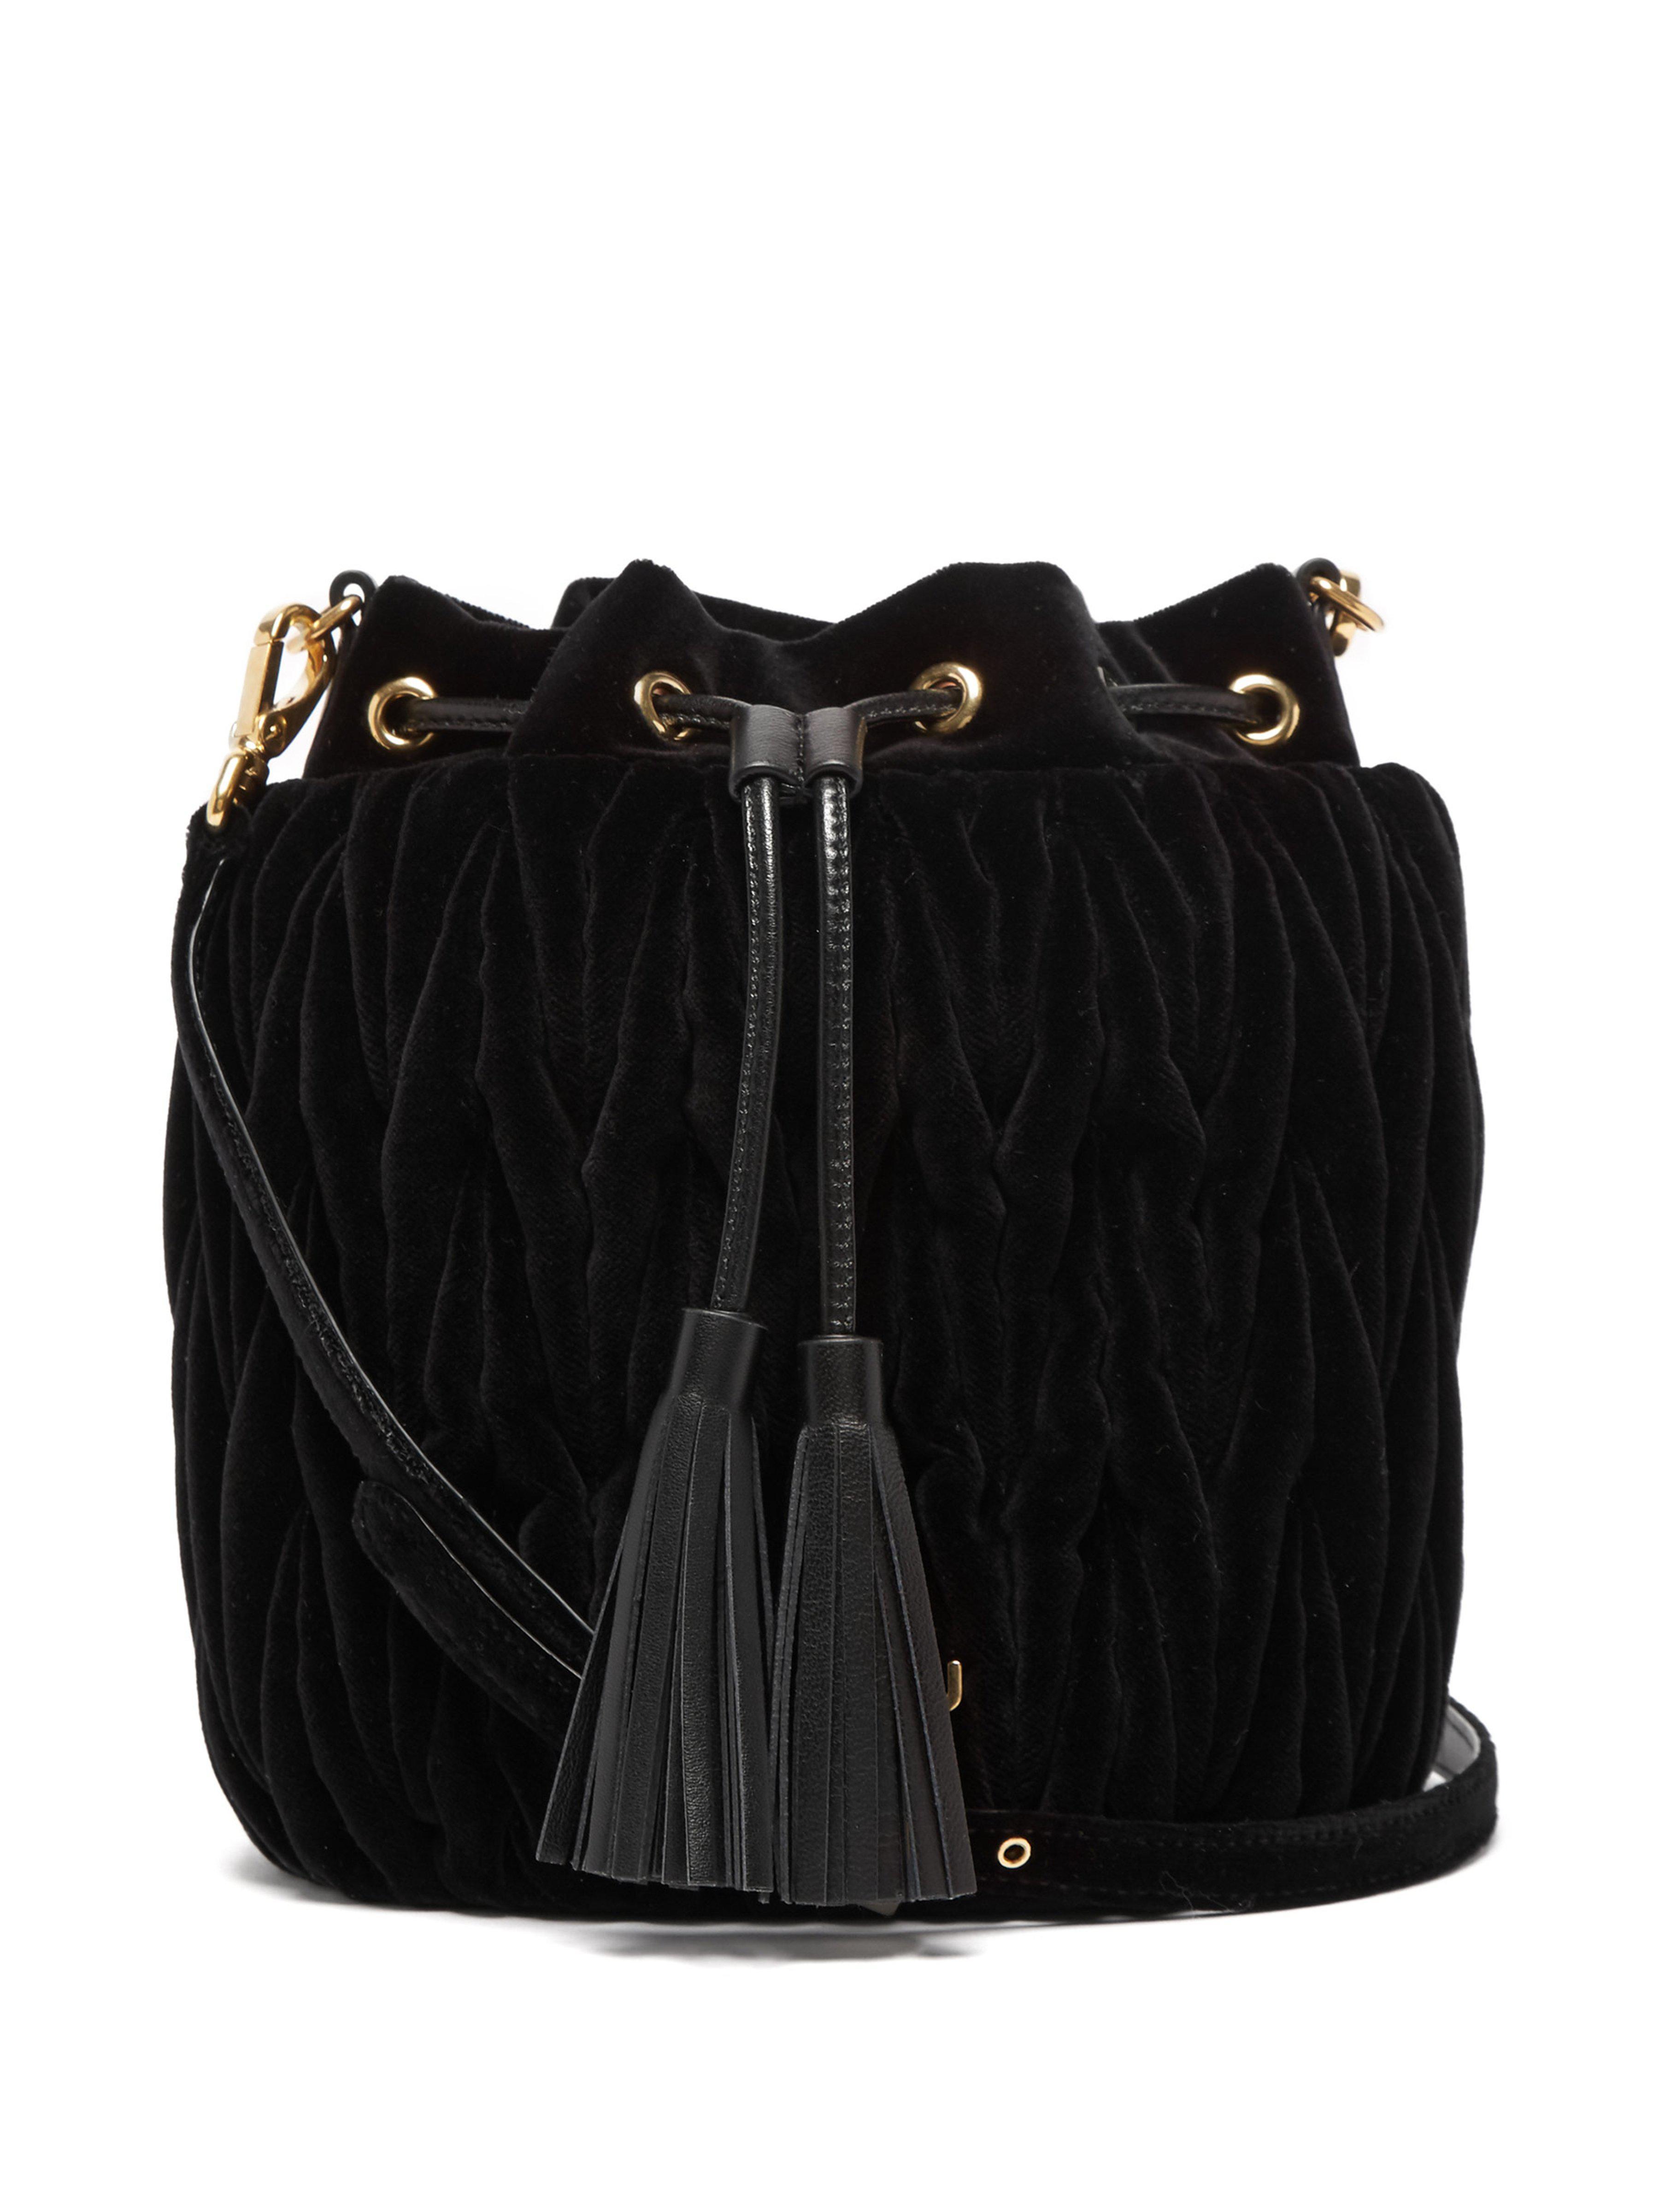 e007aed8a230 Miu Miu Matelassé Velvet Bucket Bag in Black - Lyst